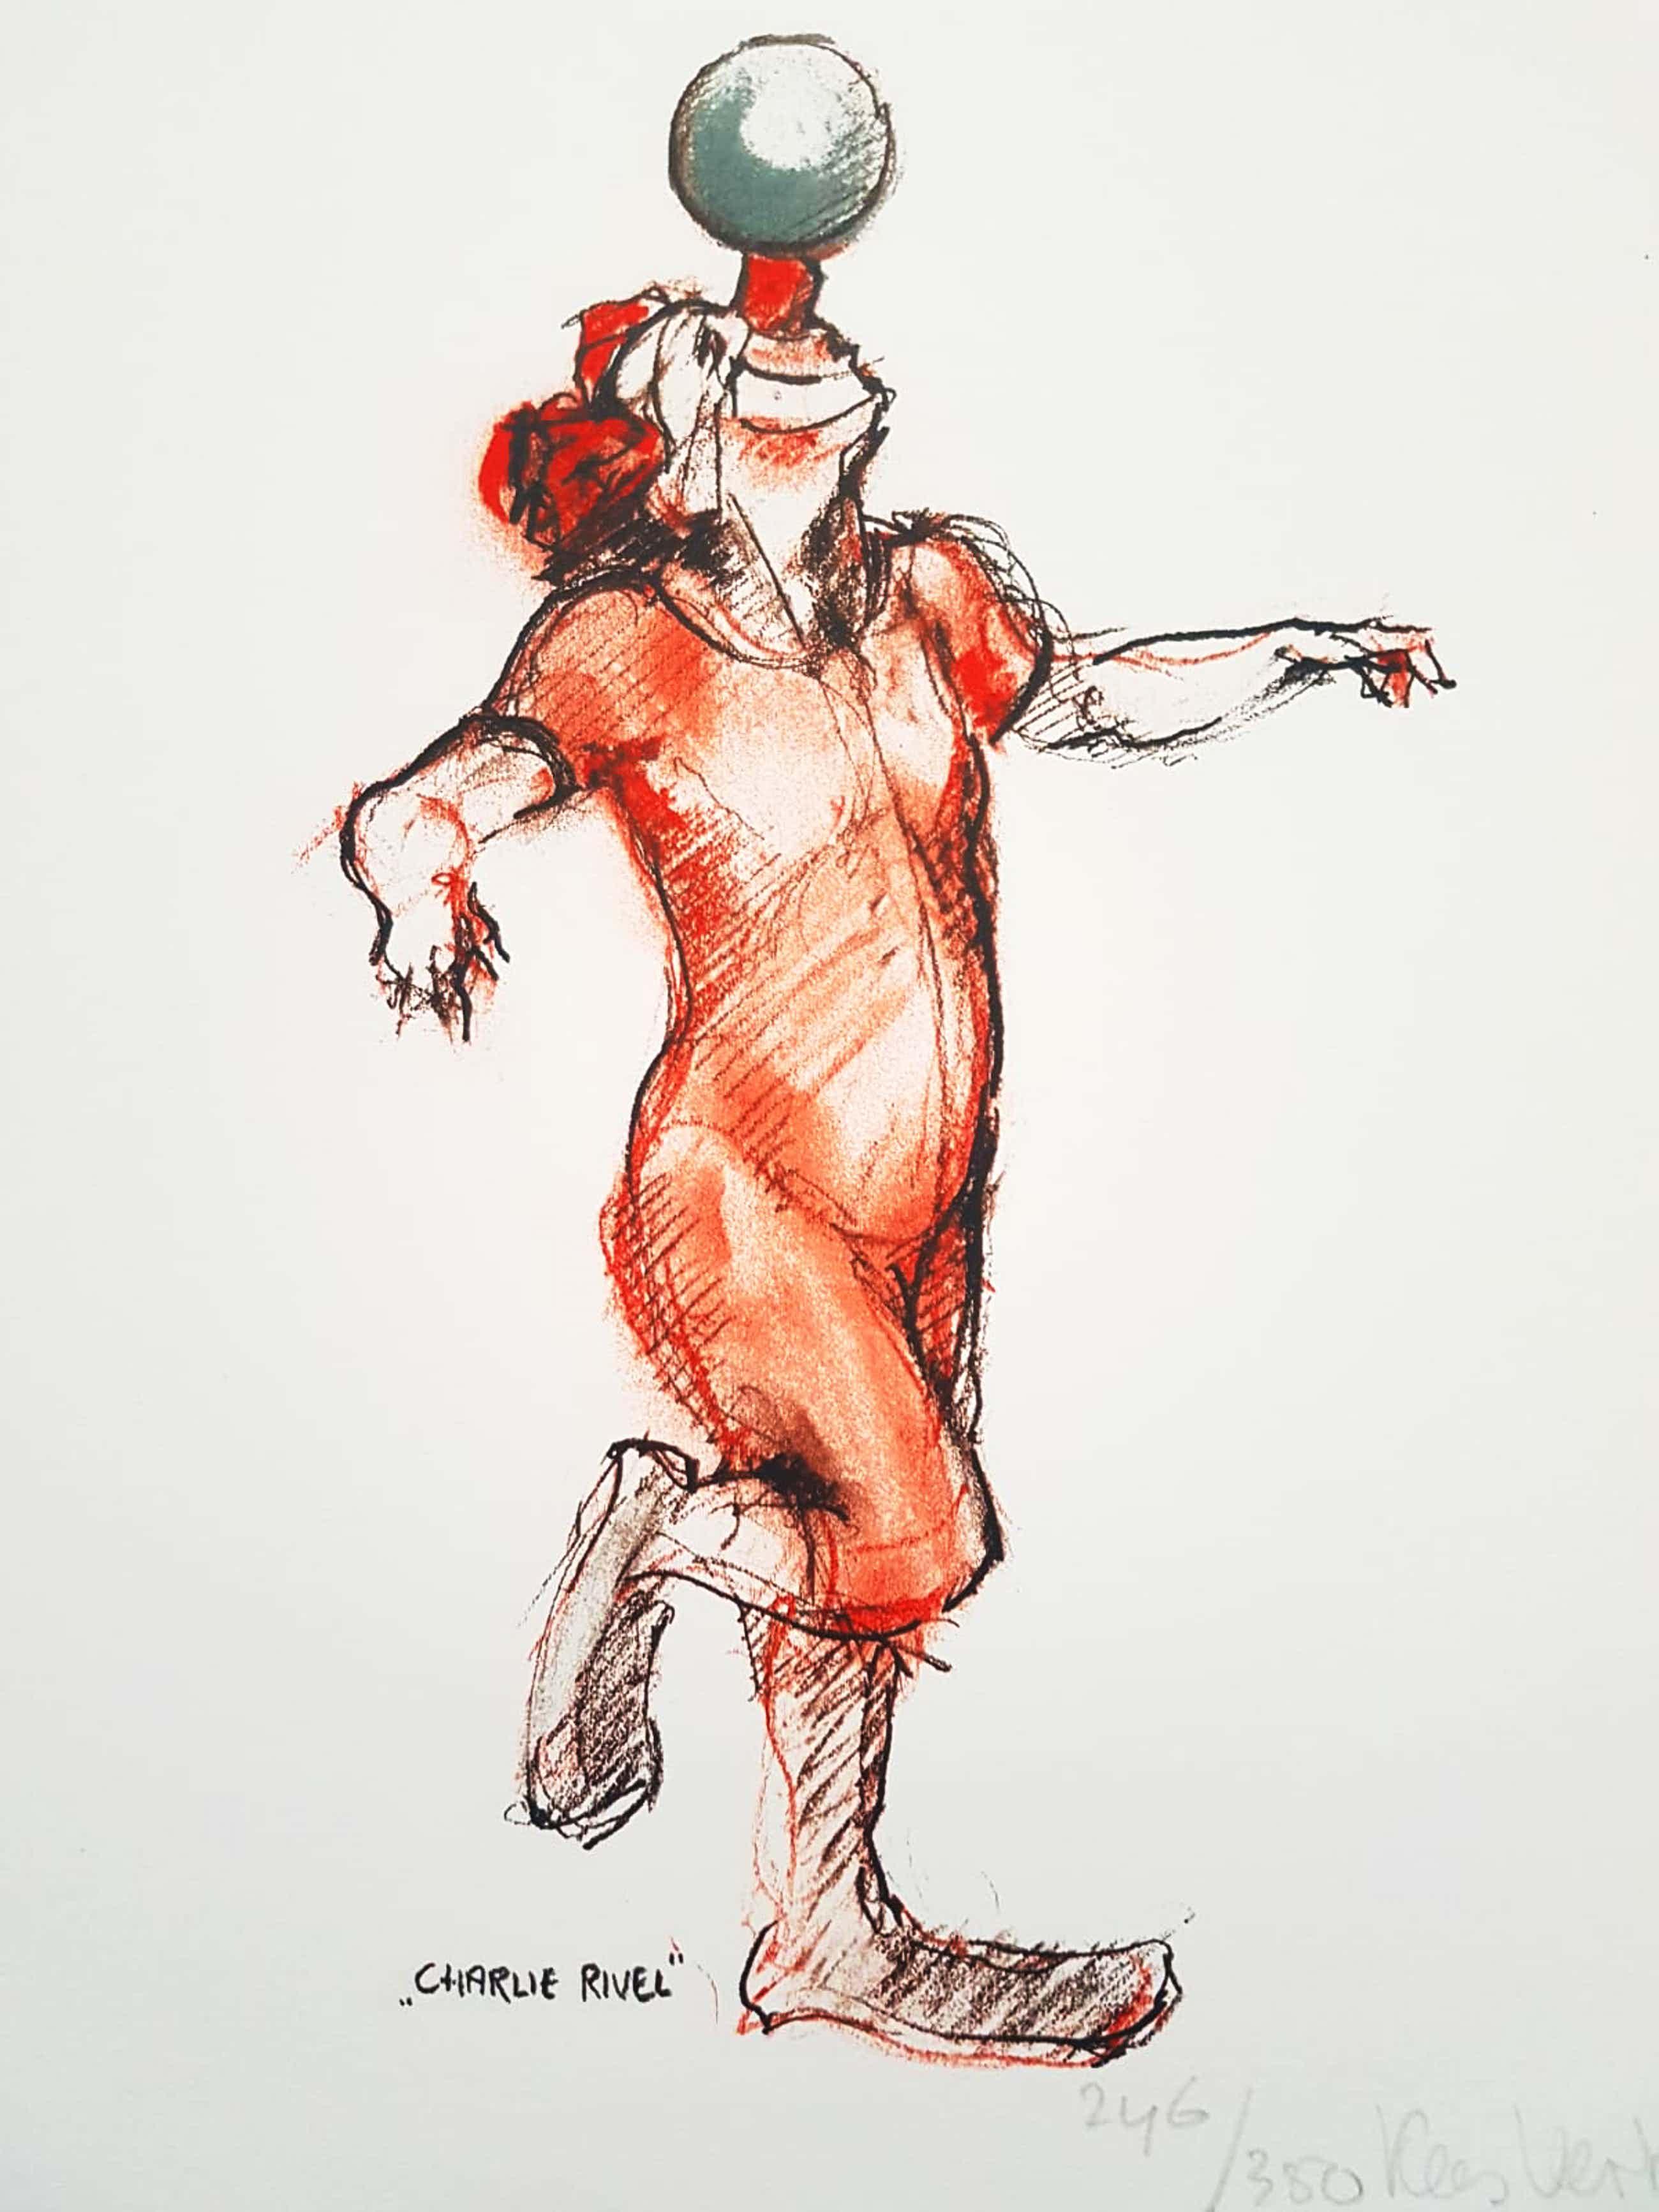 Kees Verkade - kleurenlitho in rood,wit en zwart handgesigneerd en genummerd 246 oplage 350 kopen? Bied vanaf 80!